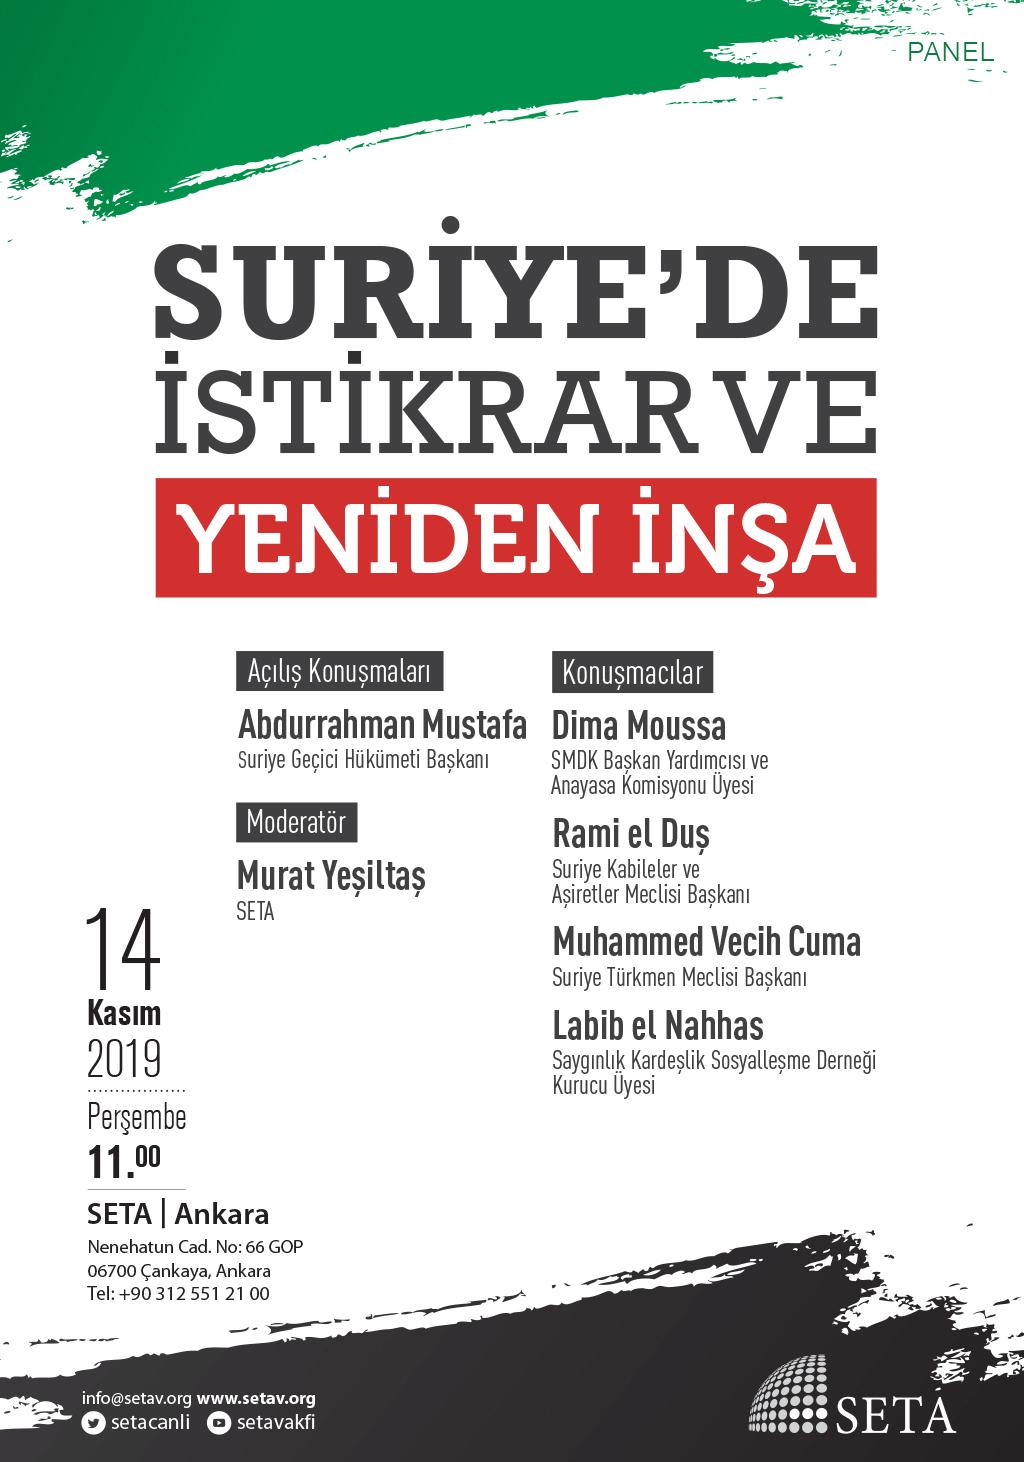 Panel: Suriye'de İstikrar ve Yeniden İnşa